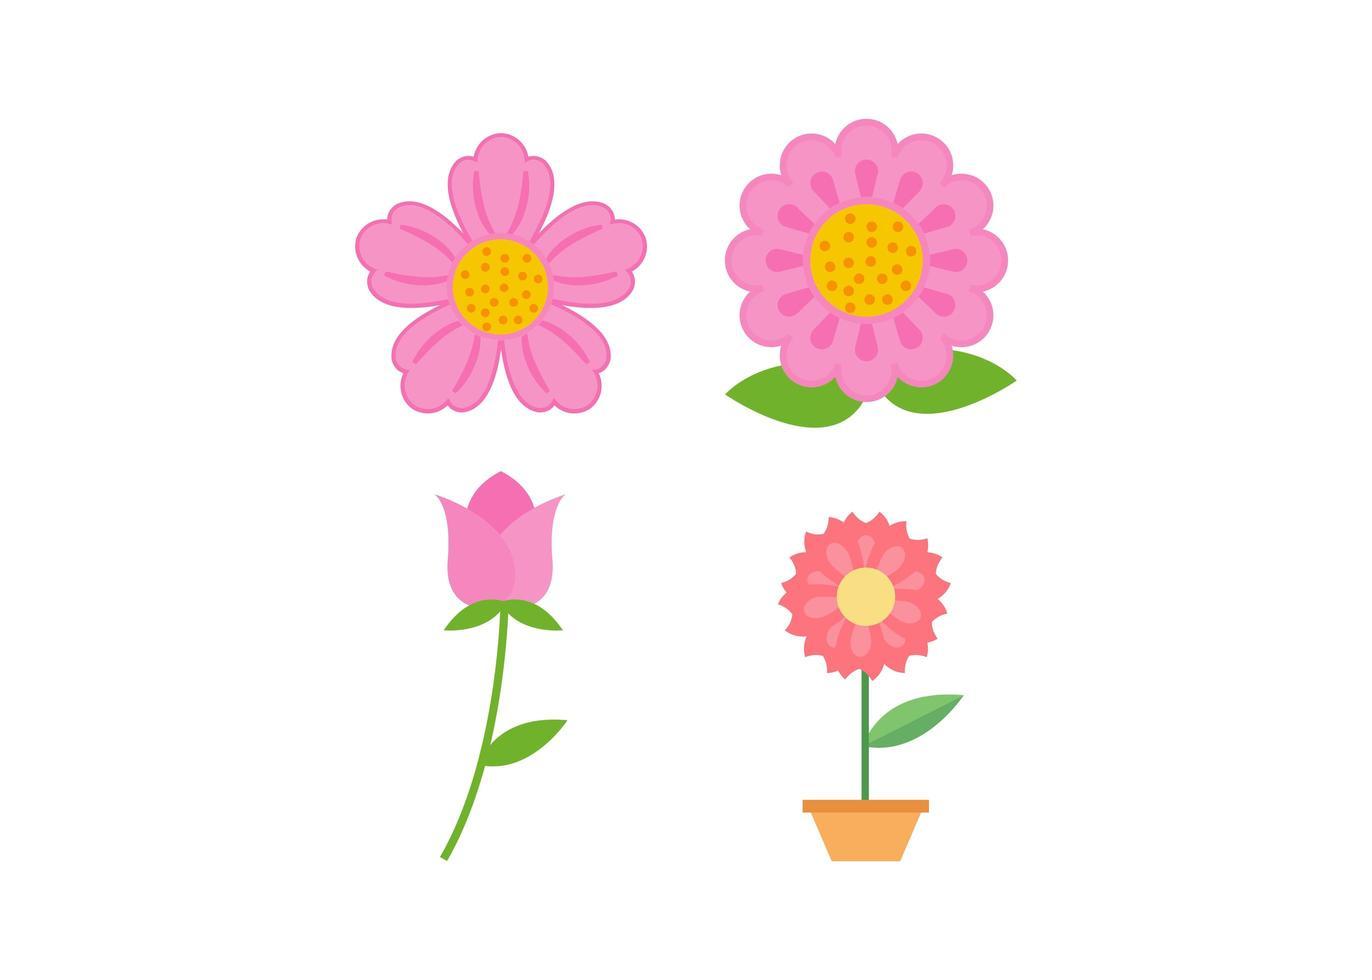 conjunto de diseño de icono de flor vector